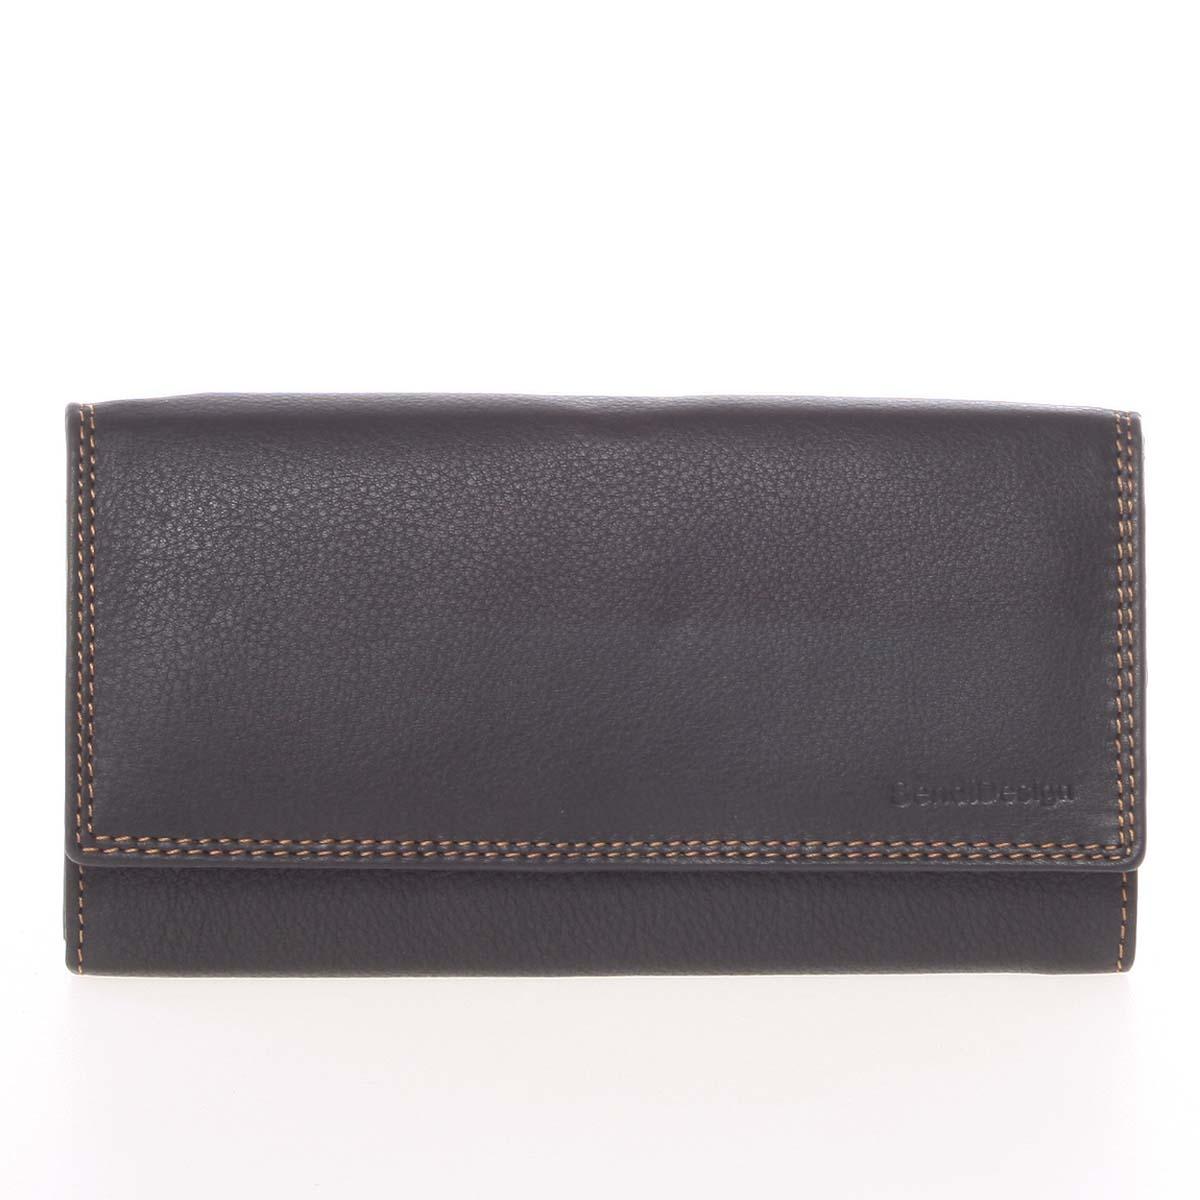 Dámská černá kožená prošívaná peněženka - SendiDesign Phoibe